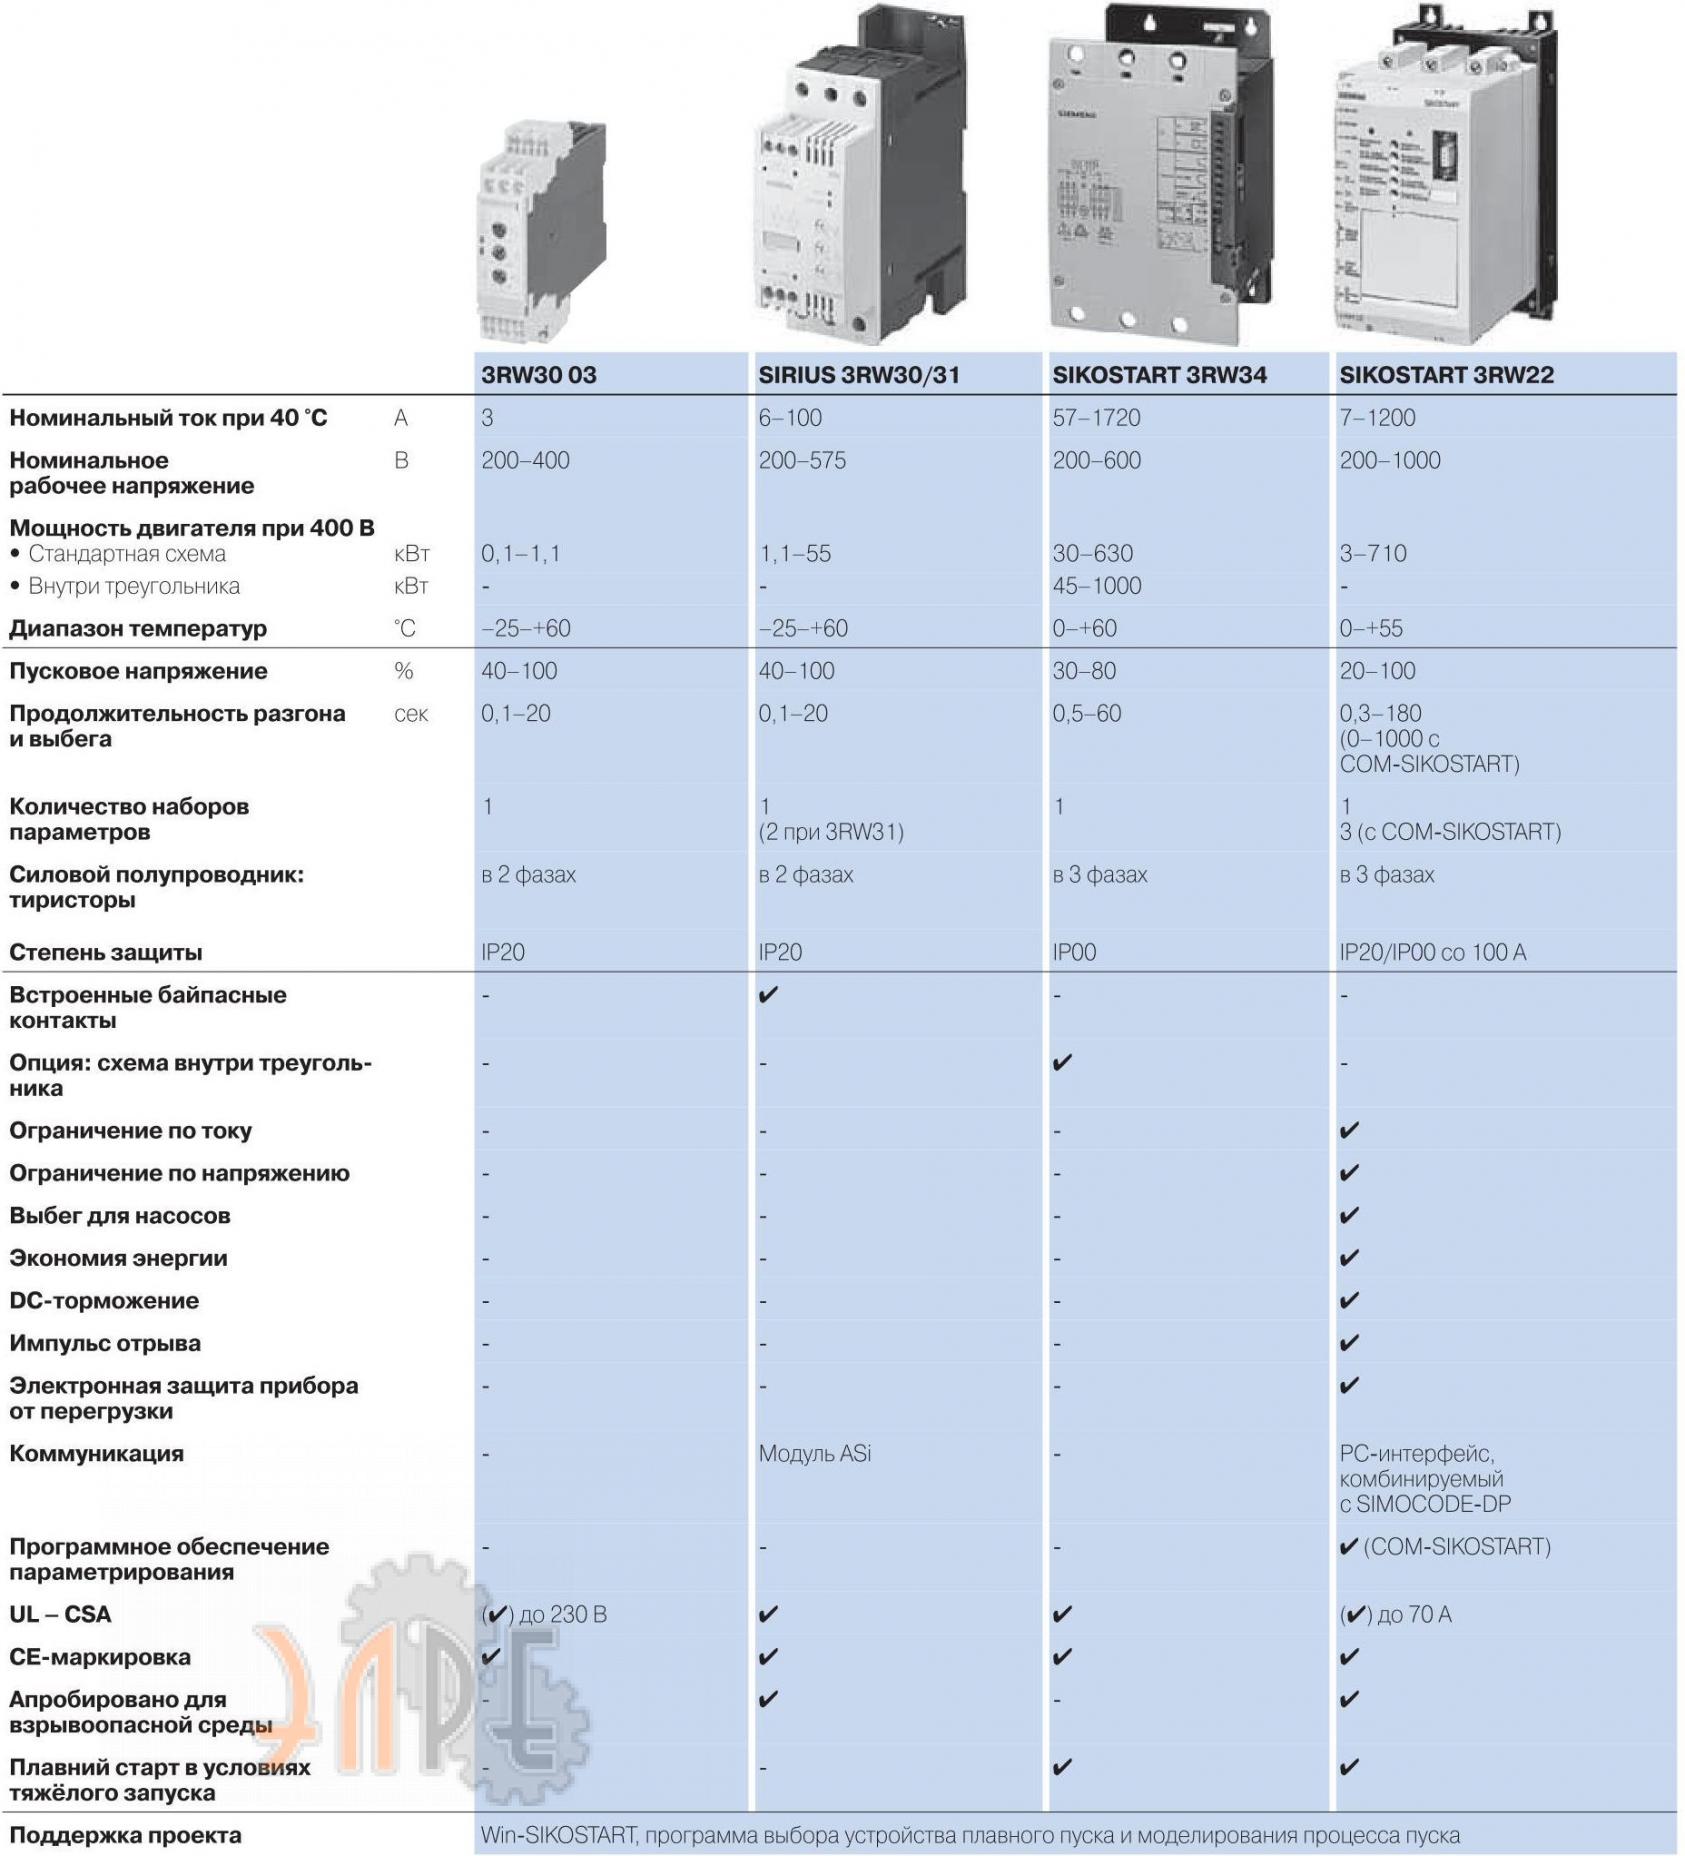 Модельный ряд устройств плавного пуска Siemens Sirius серии 3RW